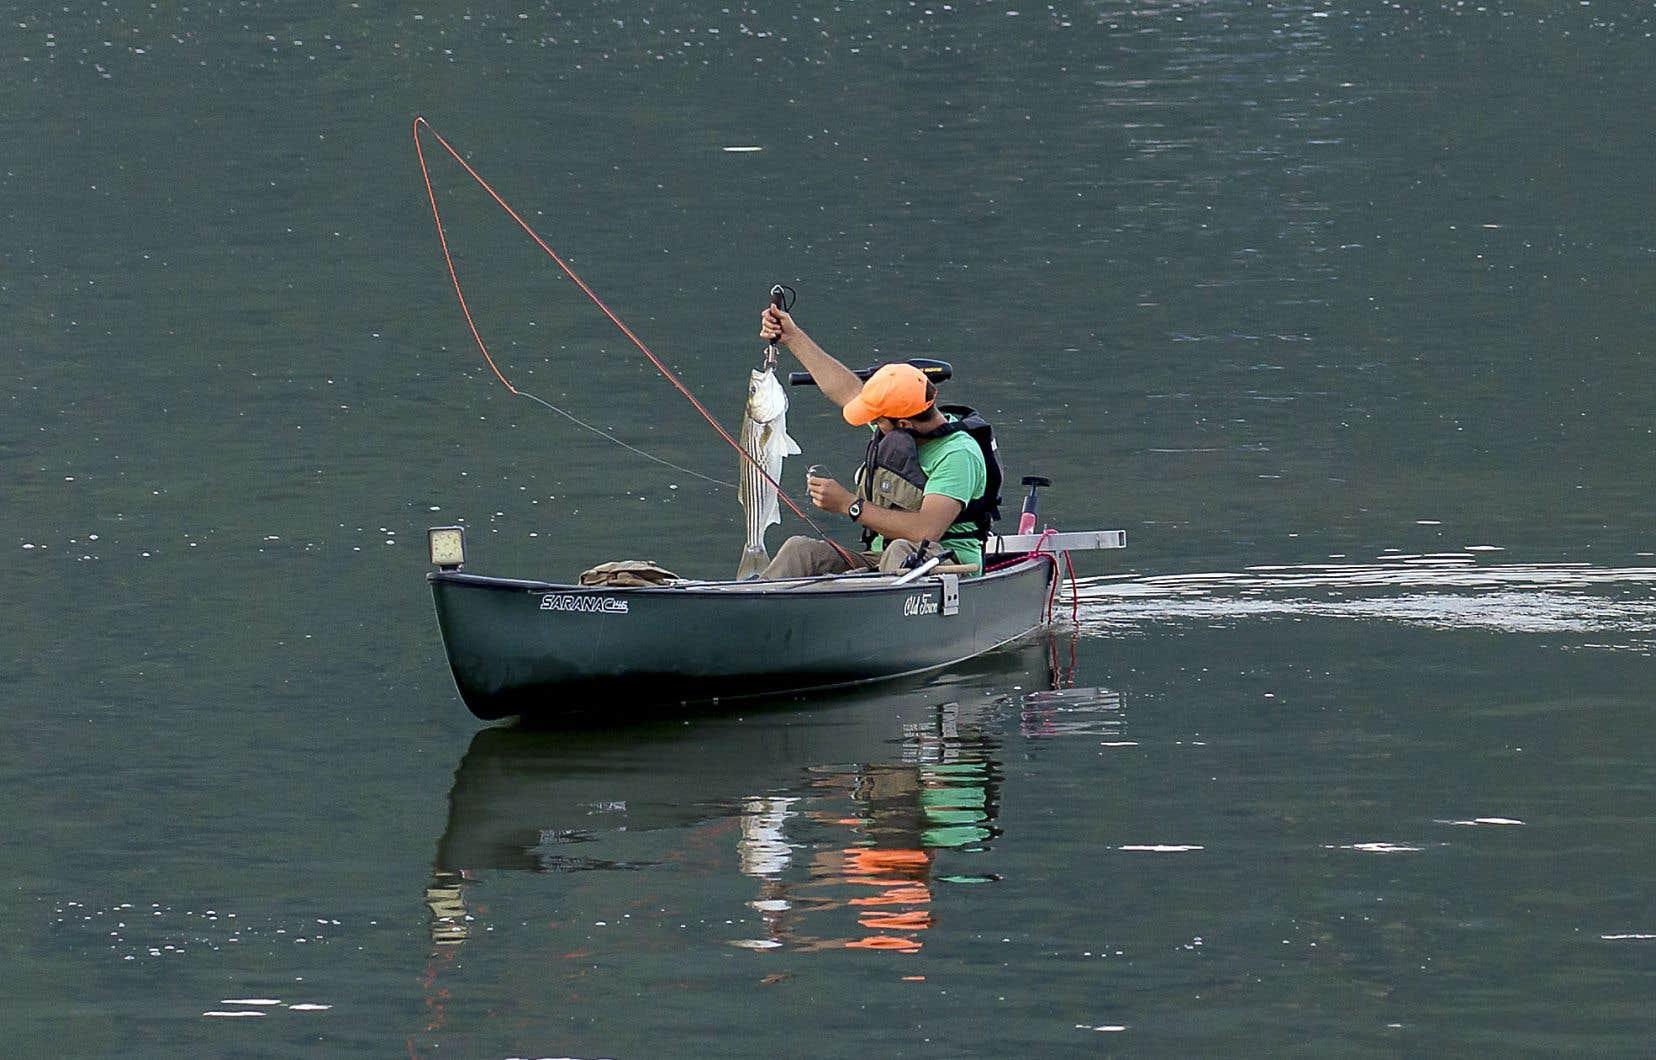 Le bar rayé, que l'on aperçoit ici, a été réintroduit dans les eaux du Saint-Laurent, mais il s'agit toujours d'une espèce en voie de disparition.